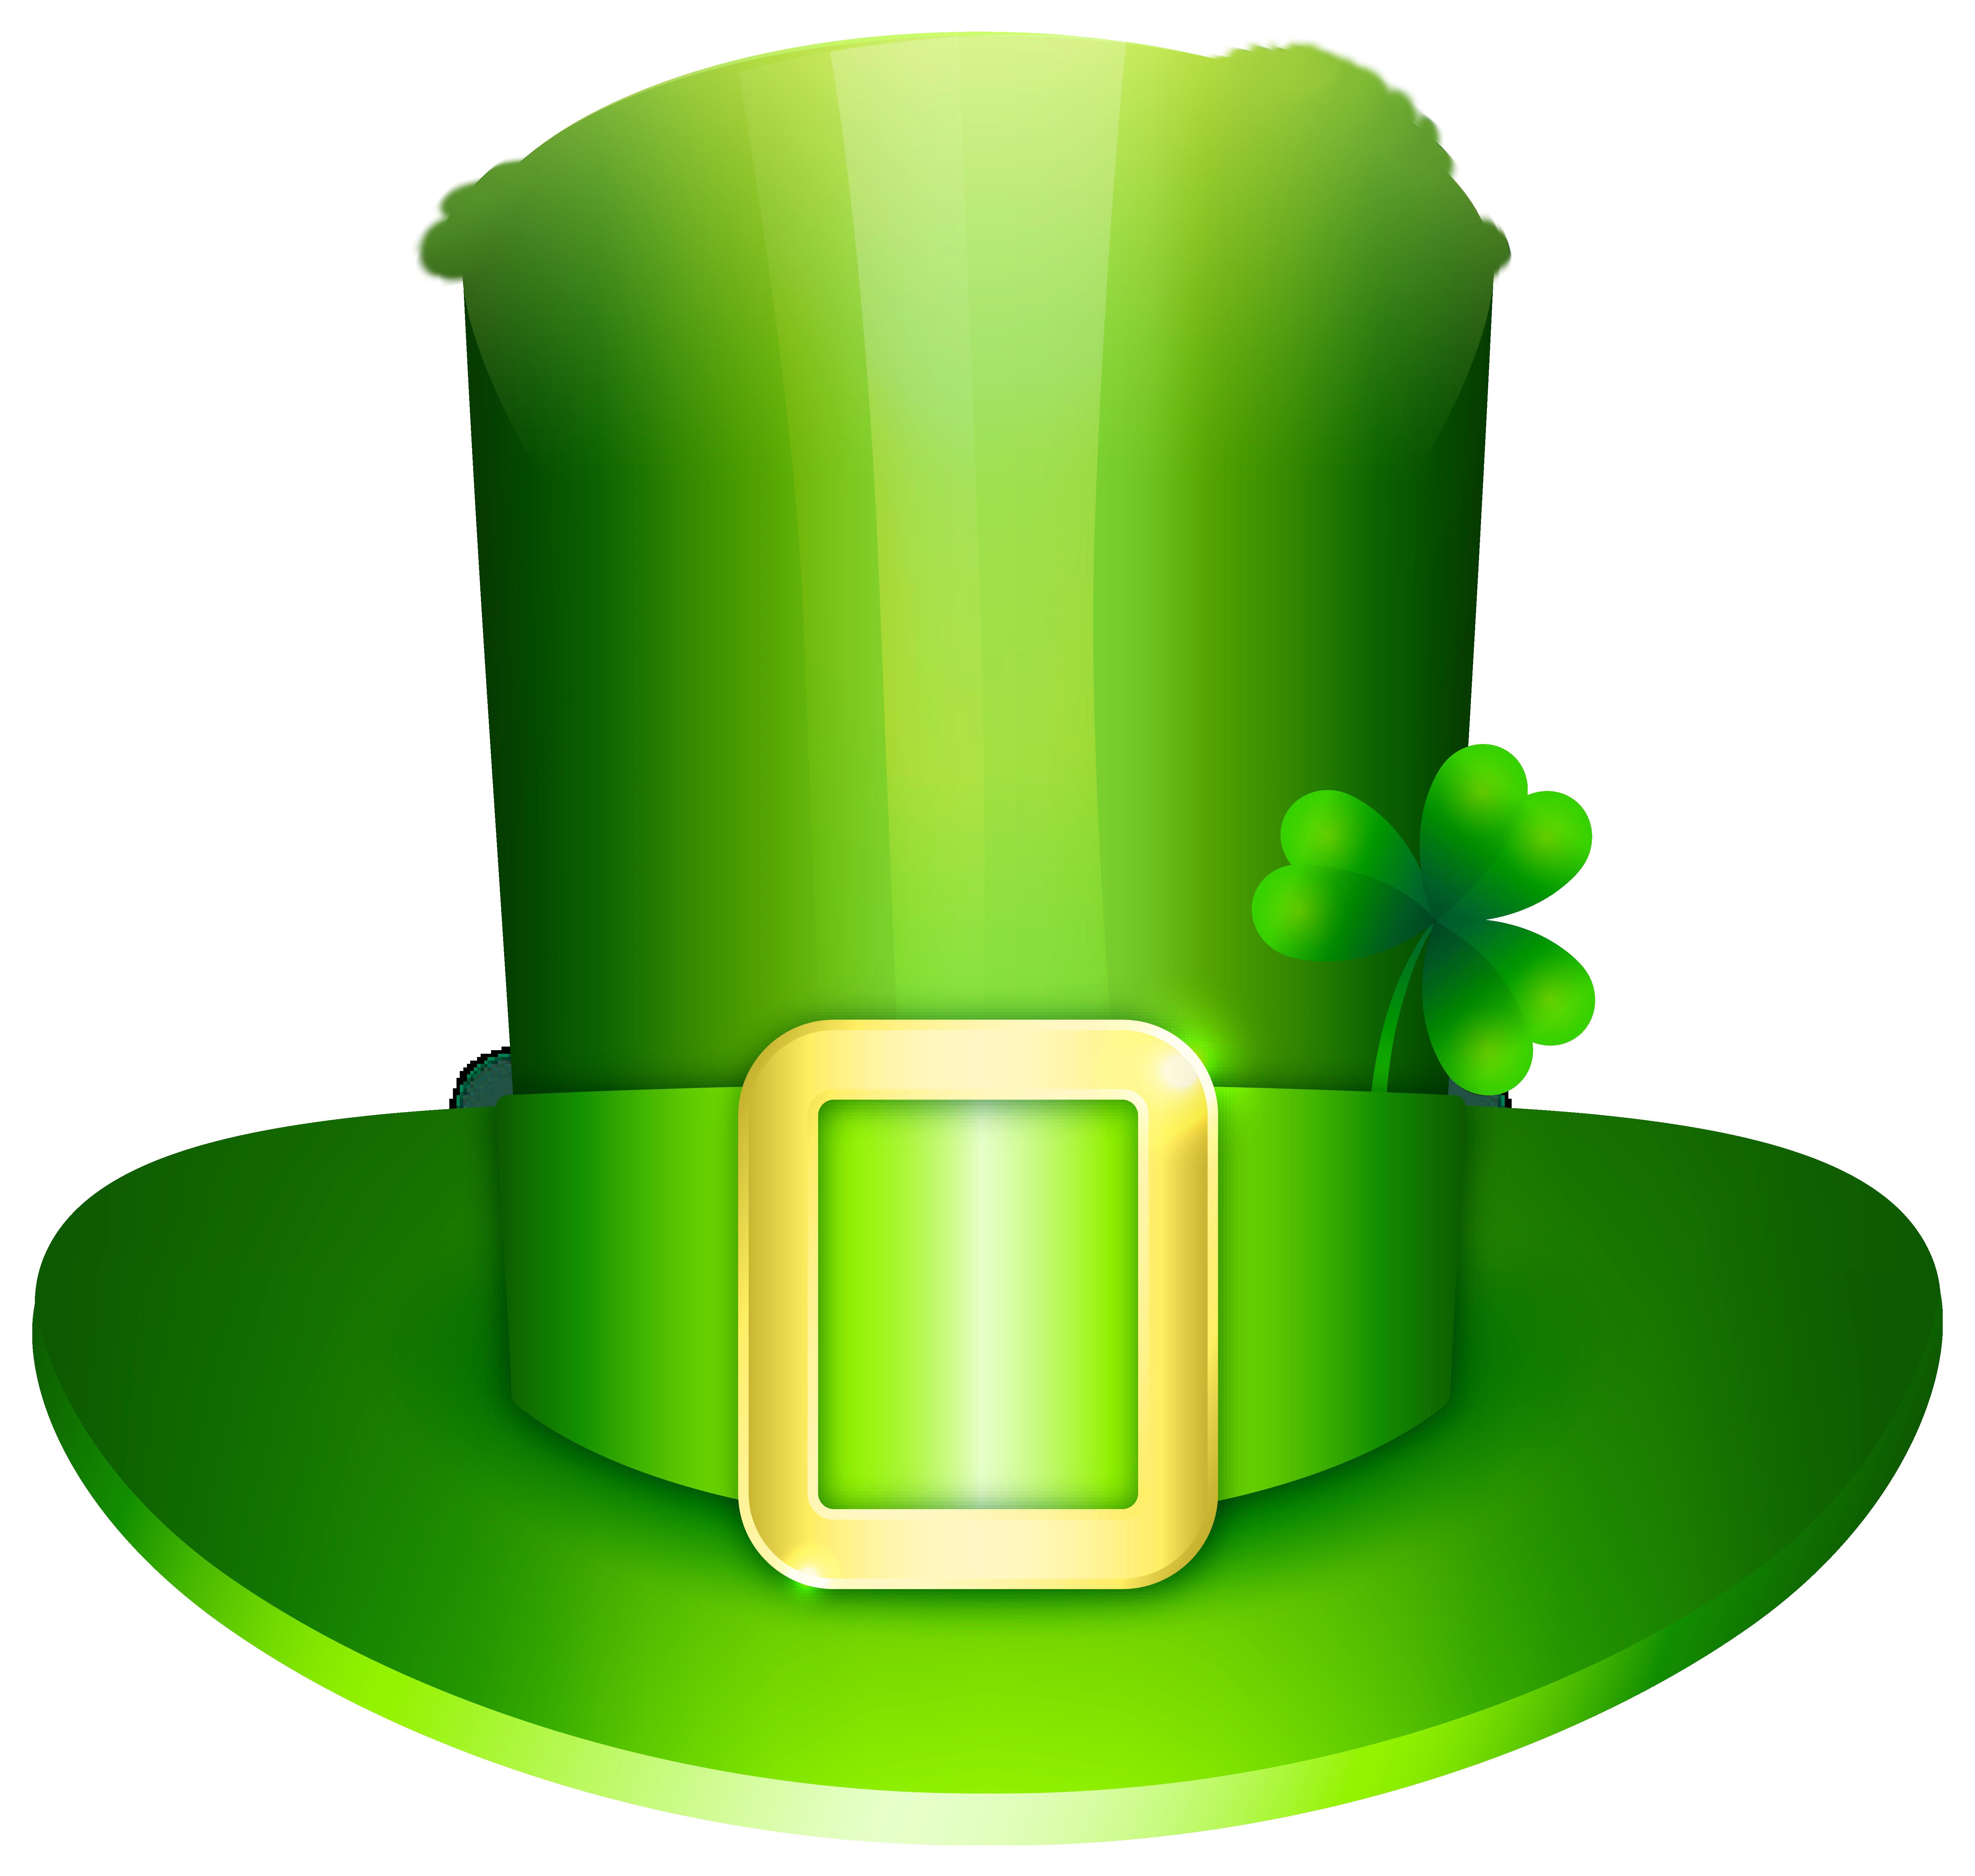 Leprechaun Hat PNG Clipart Image.